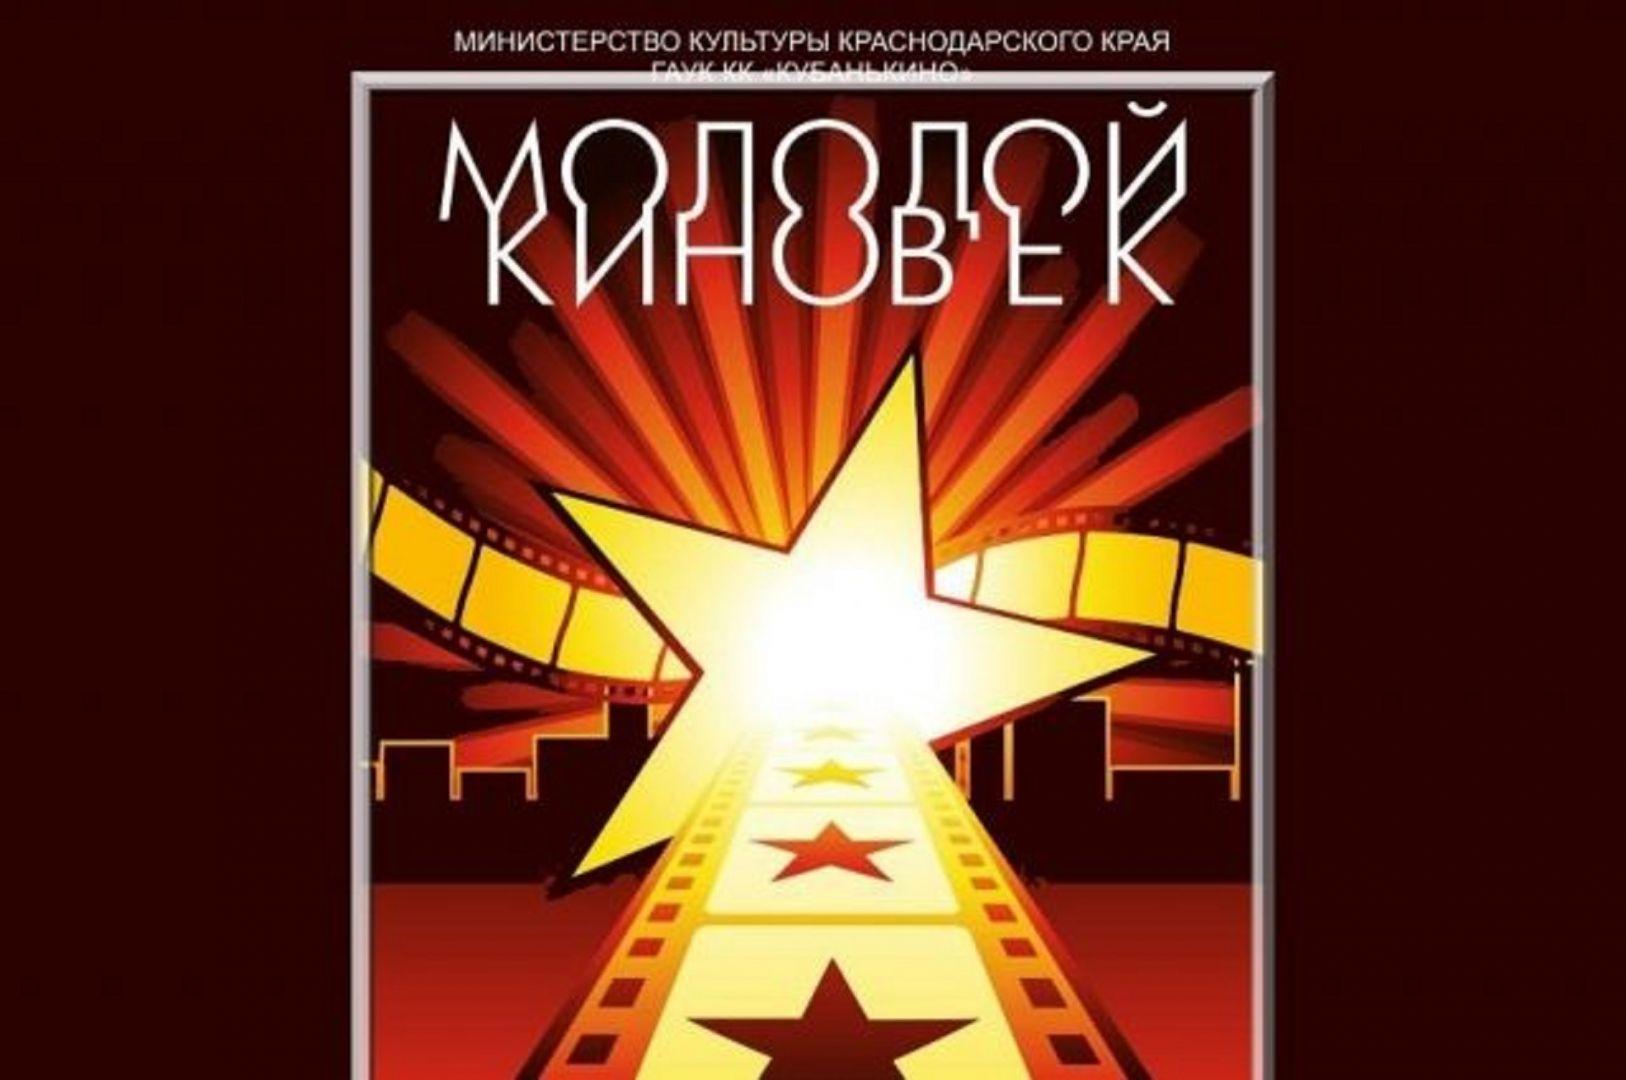 Жительница Ессентуков стала победительницей конкурса «Молодой киновек»